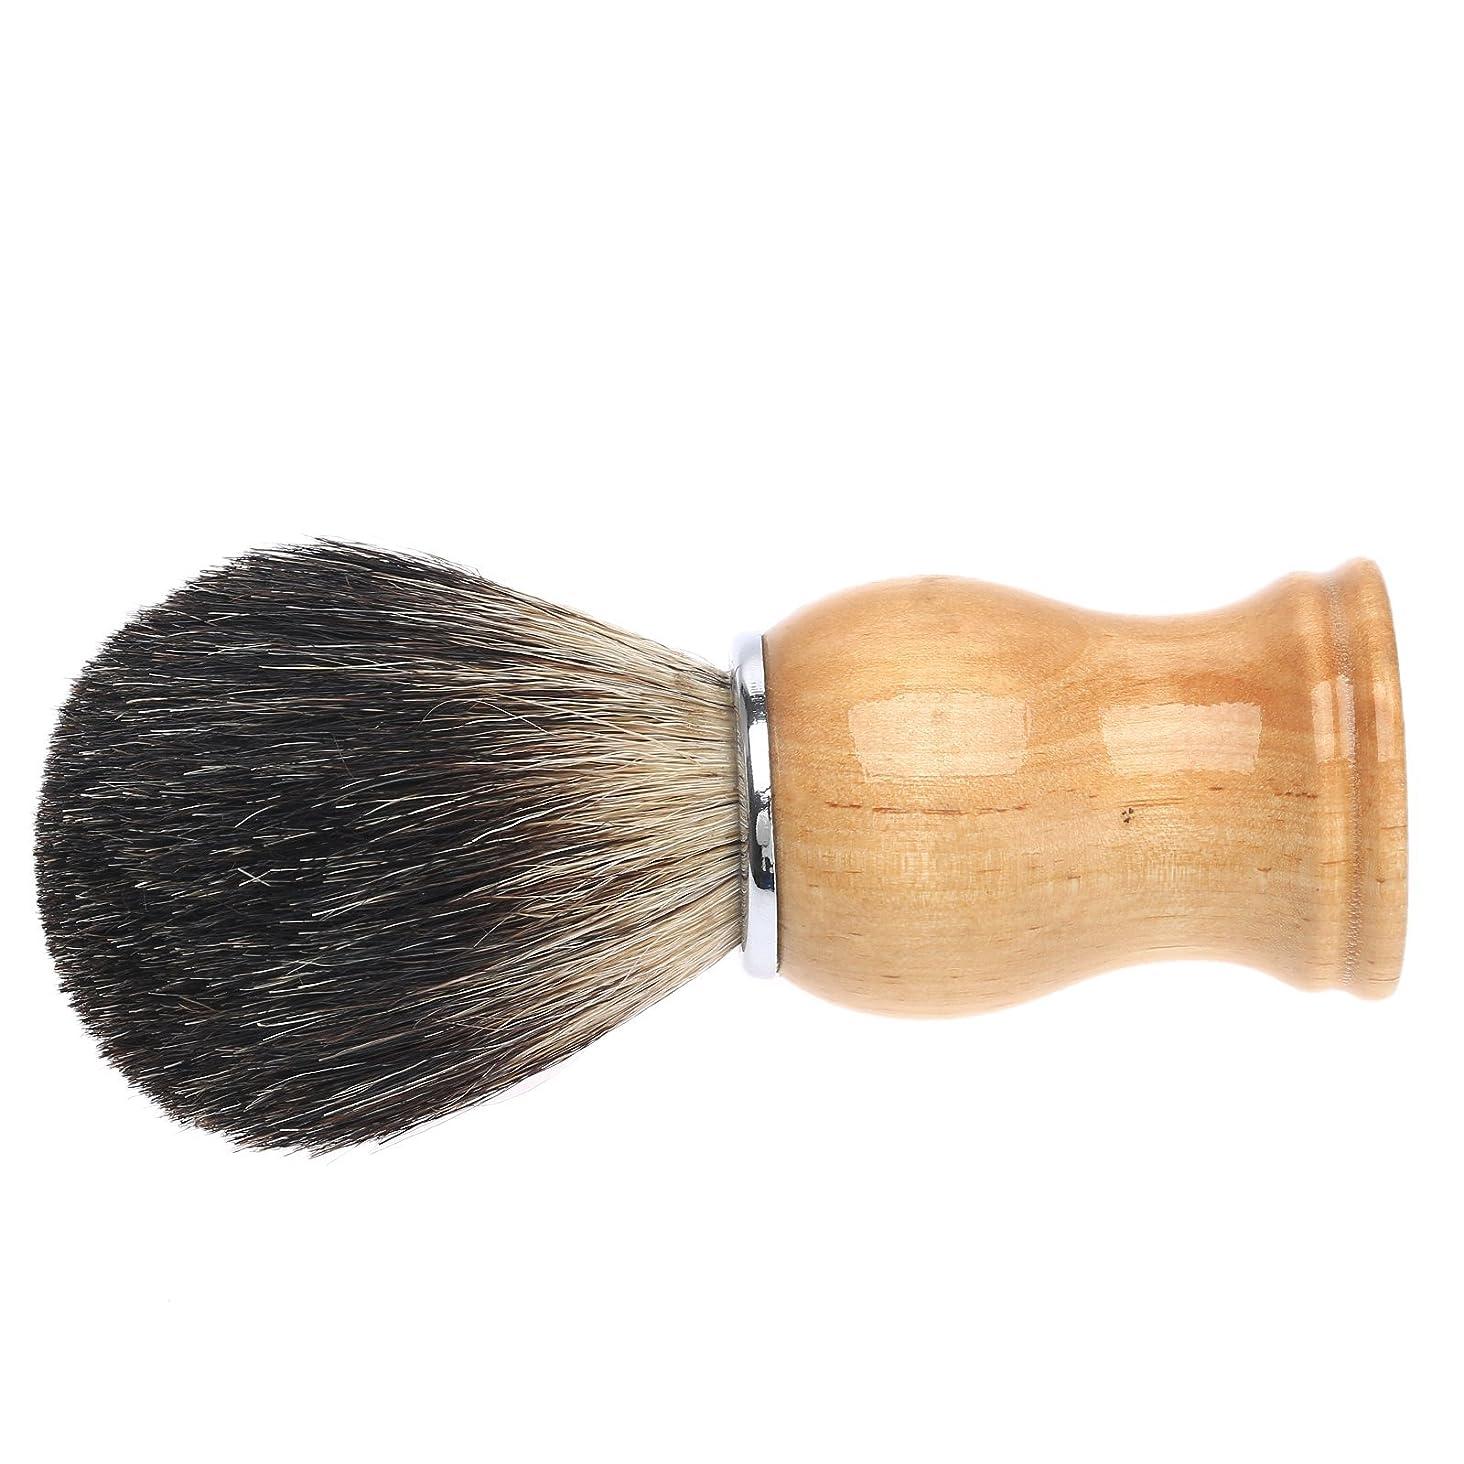 講堂広く皮肉なひげブラシ メンズ用 髭剃り ブラシ アナグマ毛シェービングブラシ ギフト